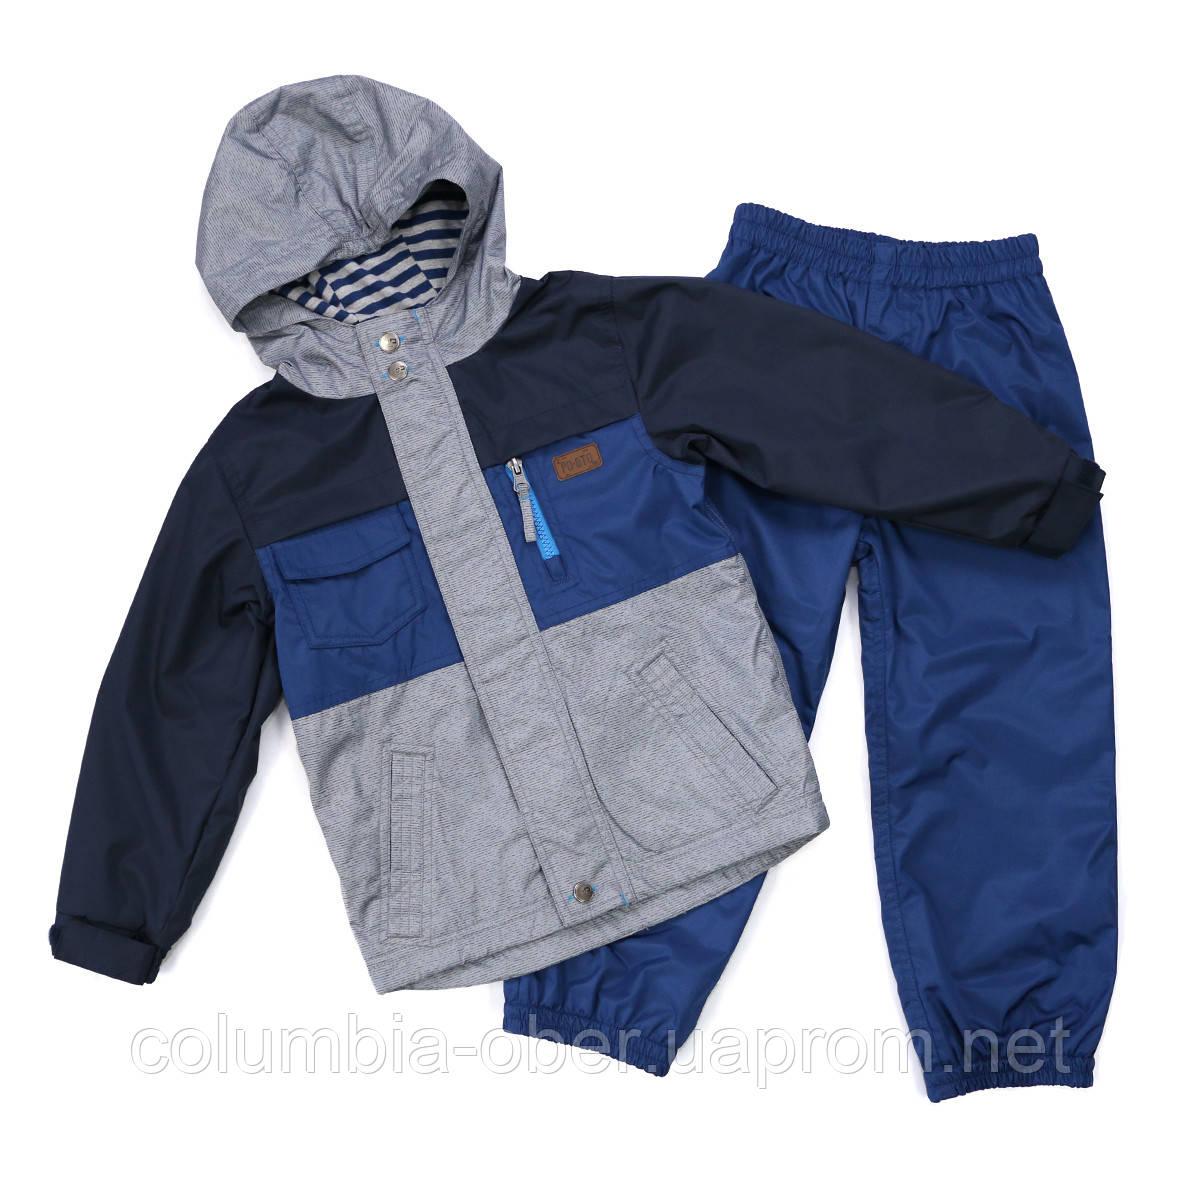 Демисезонный костюм для мальчика Peluche 65 M S17 Dk Denim. Размер 116.